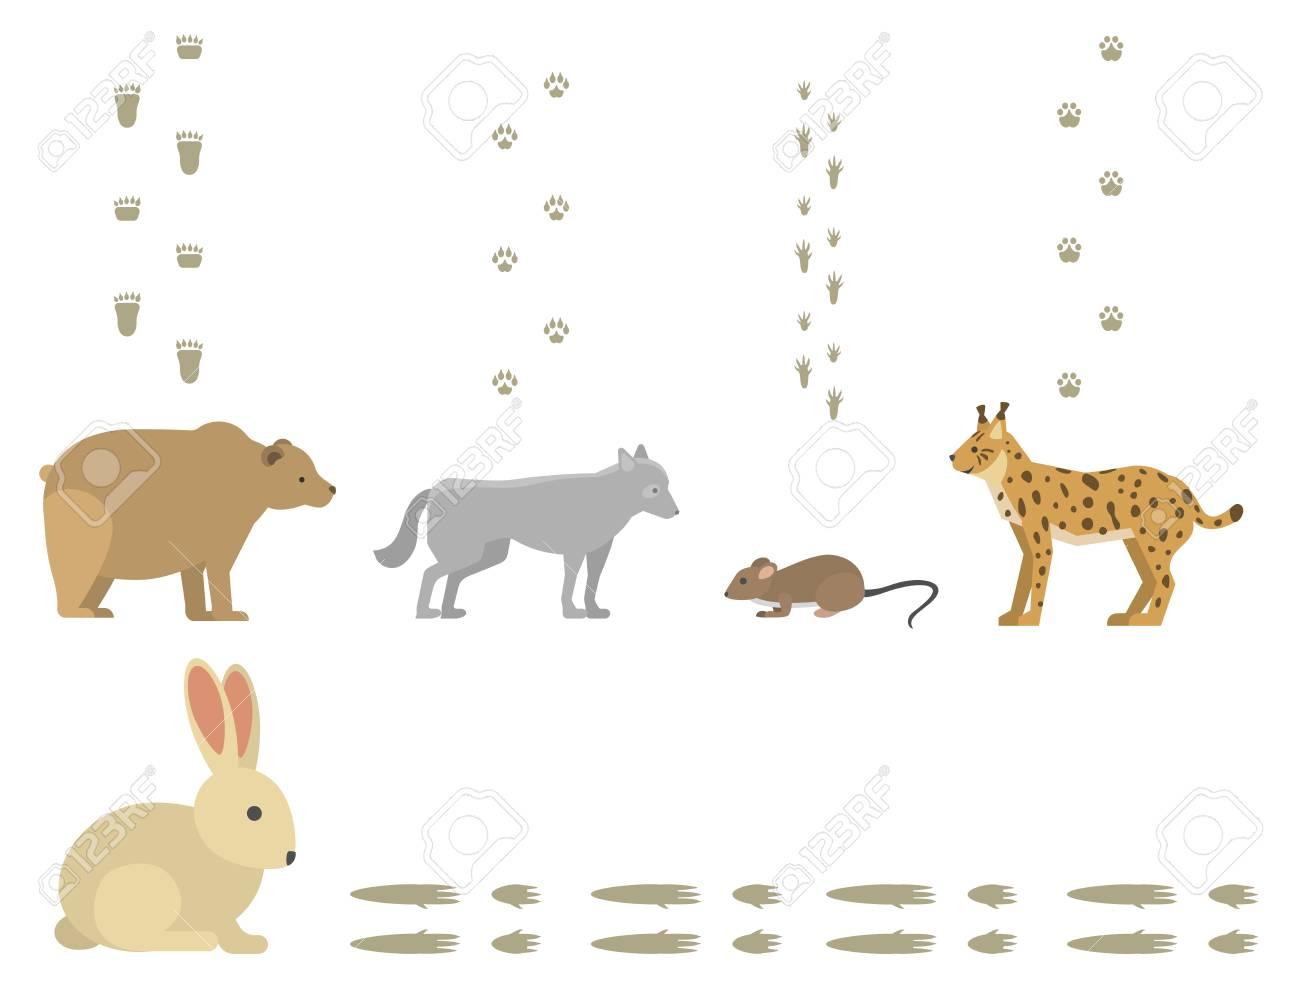 Las Huellas De Los Animales Incluyen Mamíferos Y Aves Pie Imprimir ...